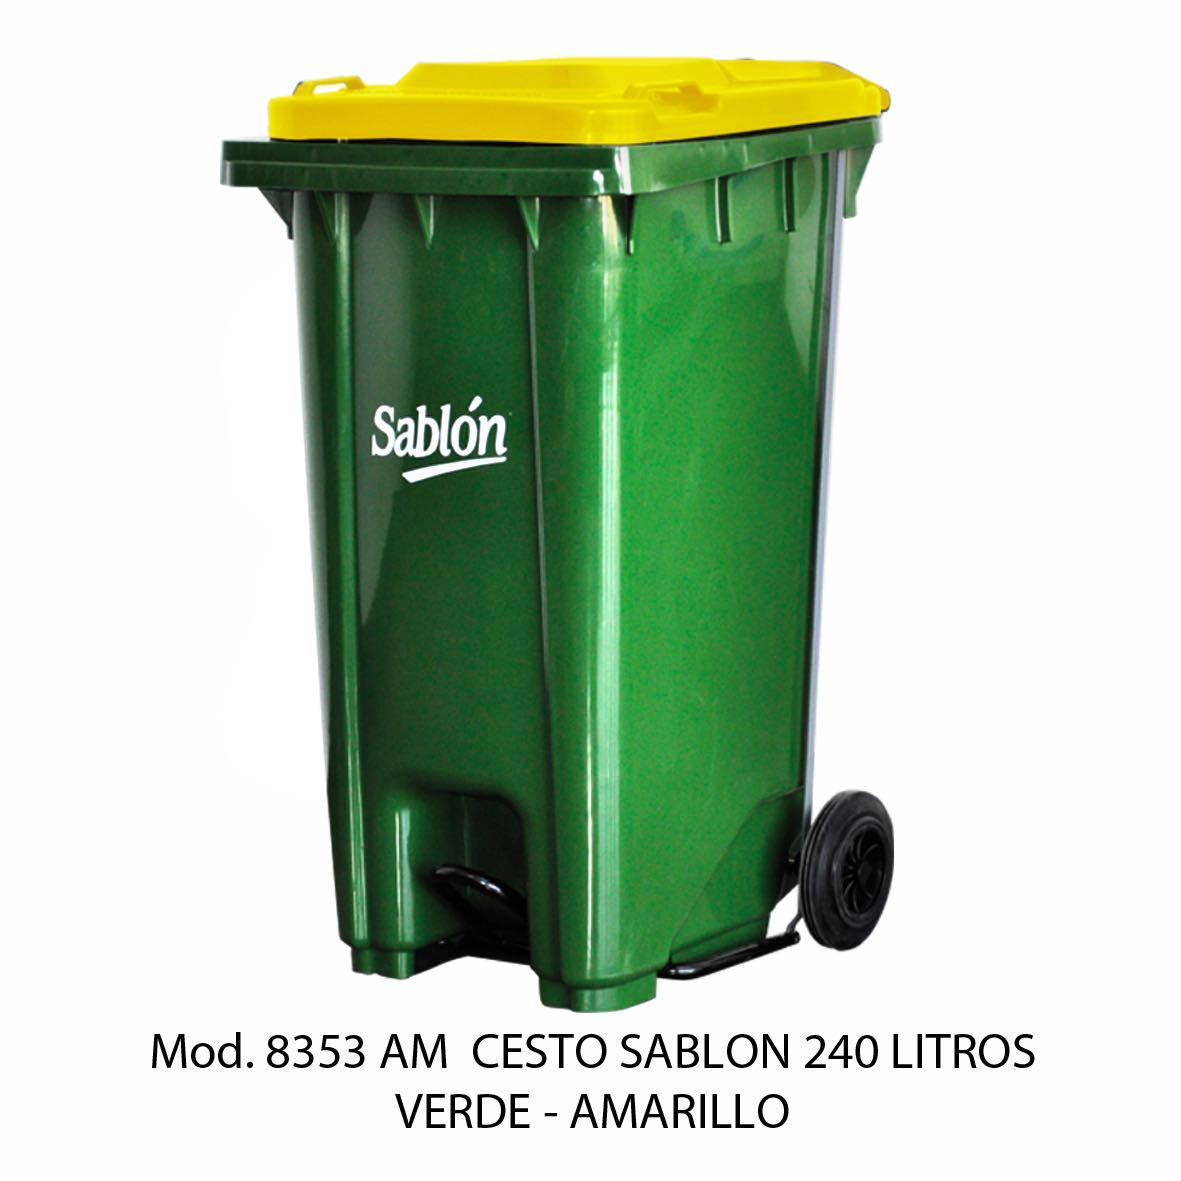 Contenedor de gran capacidad con cuerpo verde y tapa amarilla - Modelo 8353 AM - Sablón